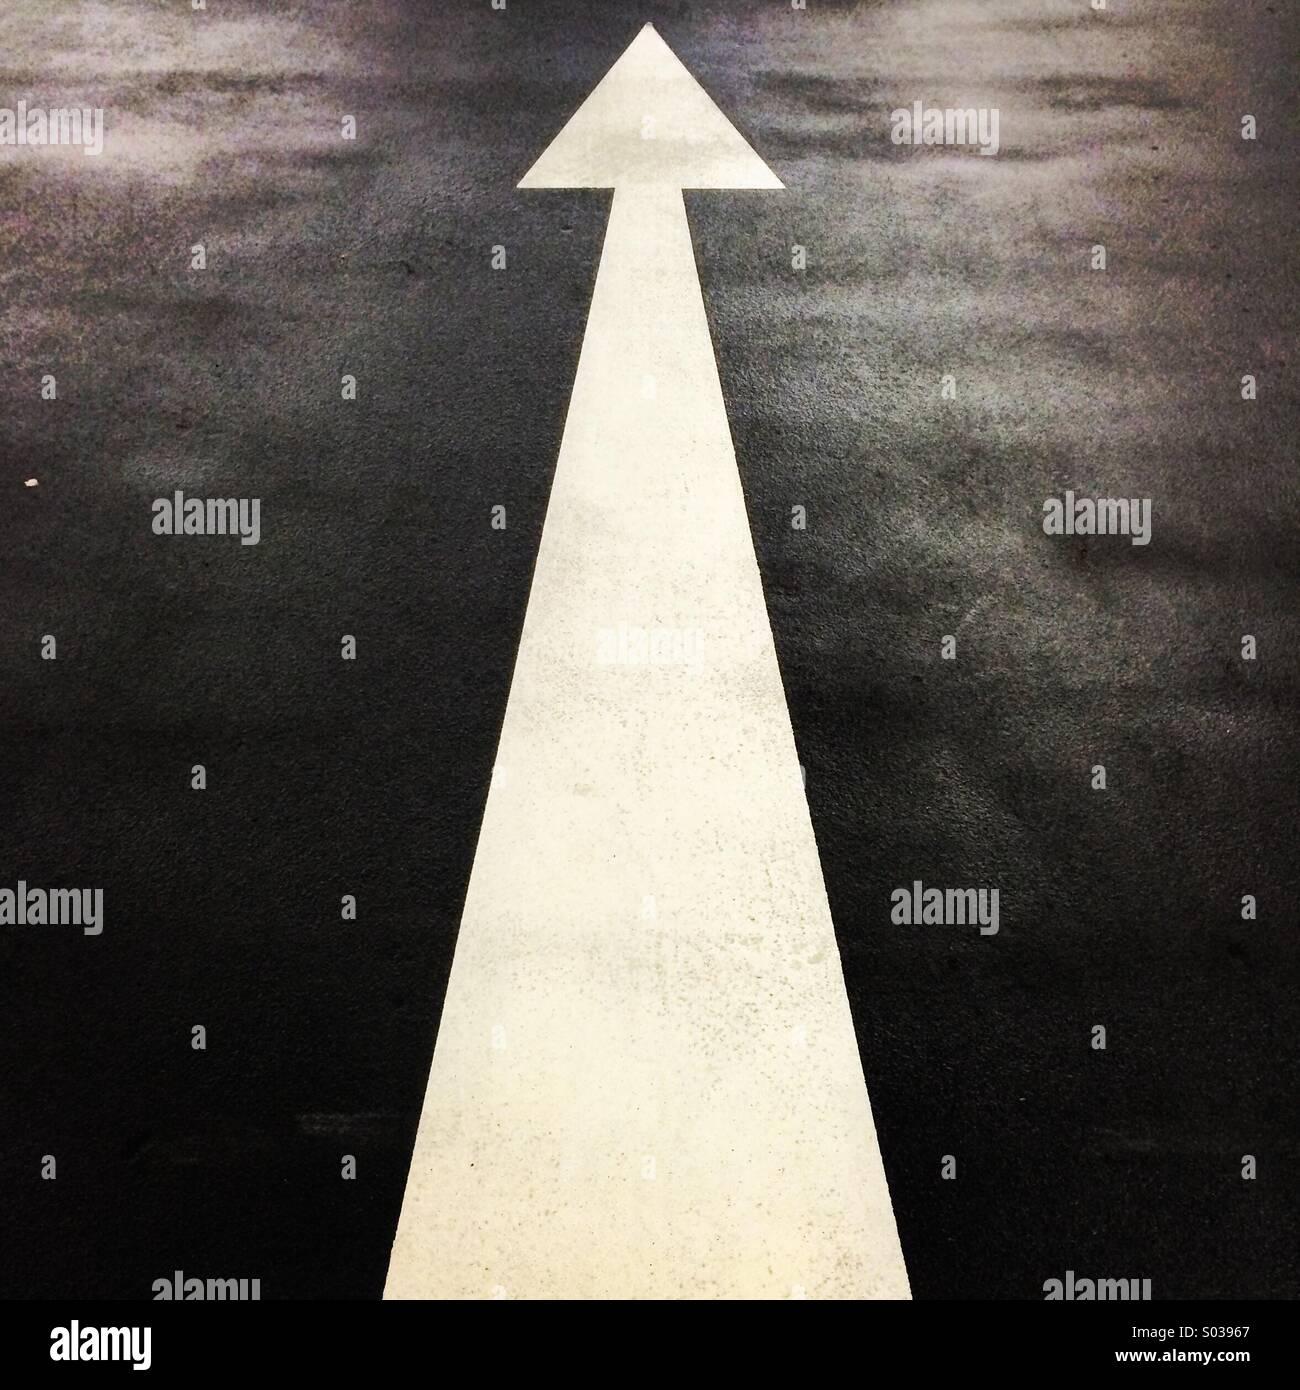 Lungo la freccia bianca verniciata sul asfalto. Immagini Stock